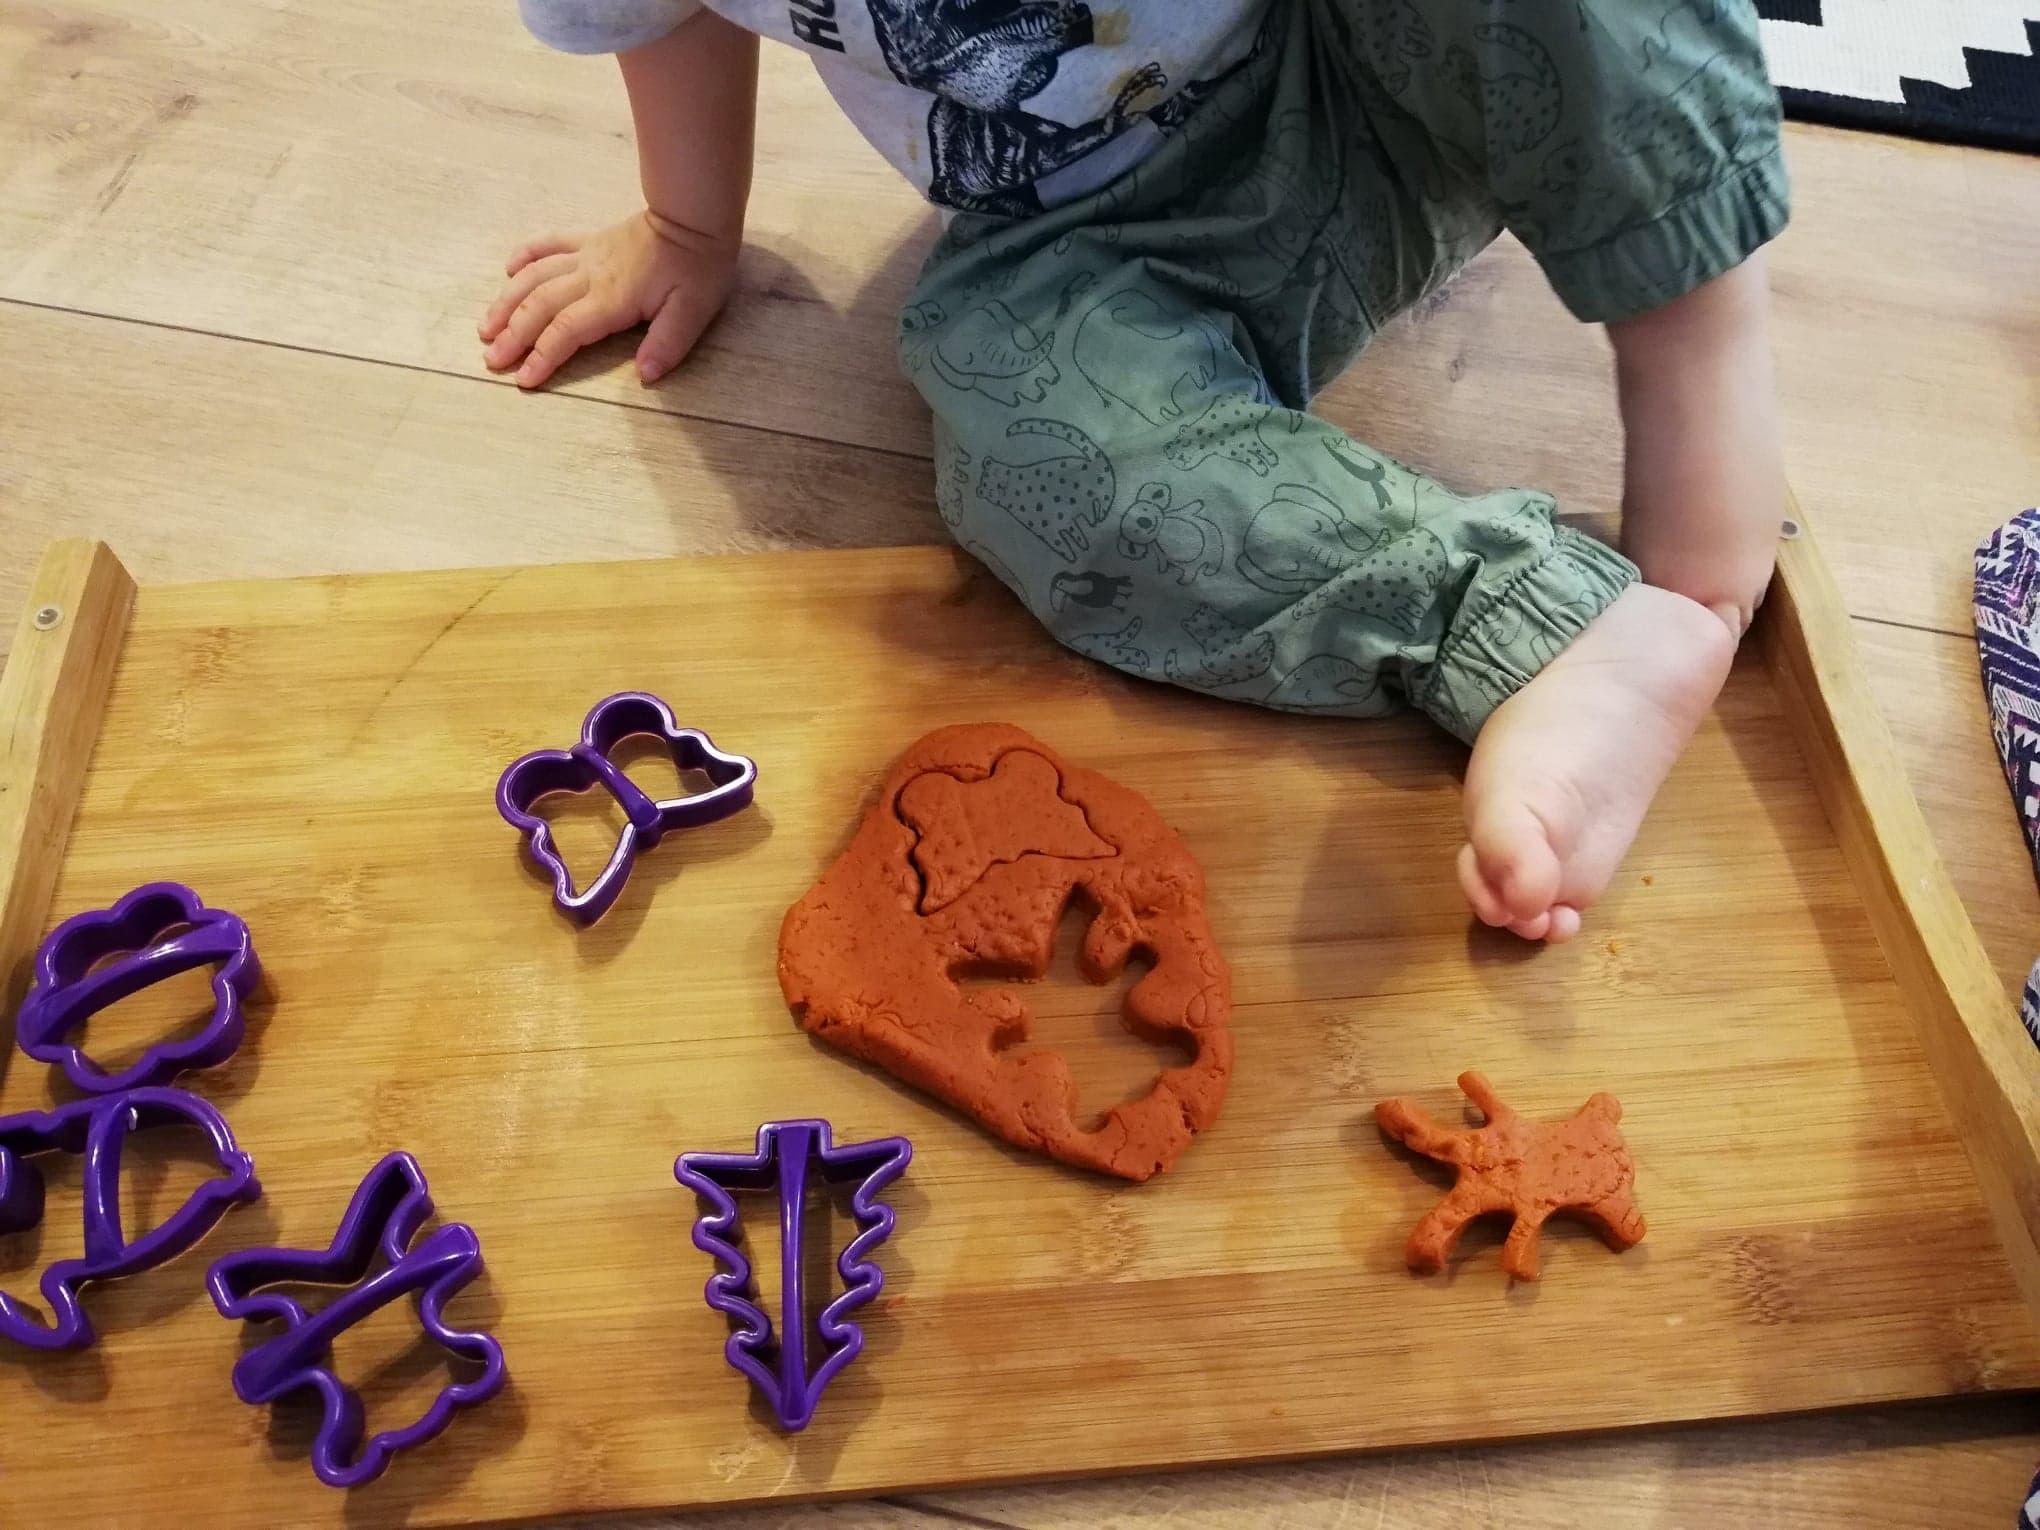 plastilina-homemade-playdough-forme